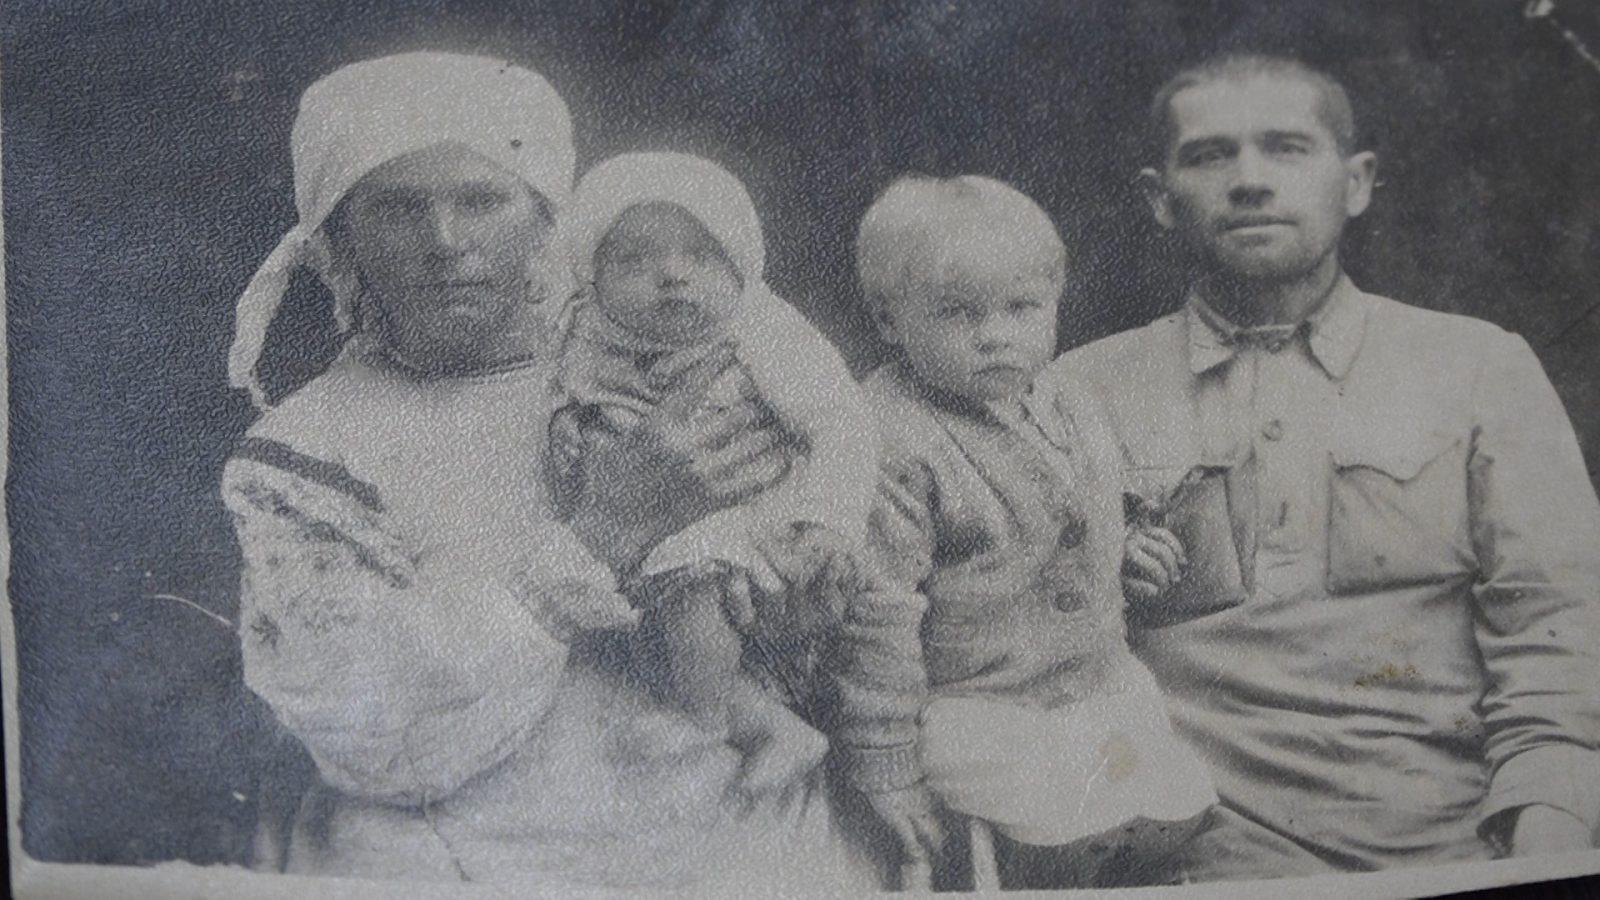 malenkaya-devochka-v-bolshoj-vojne